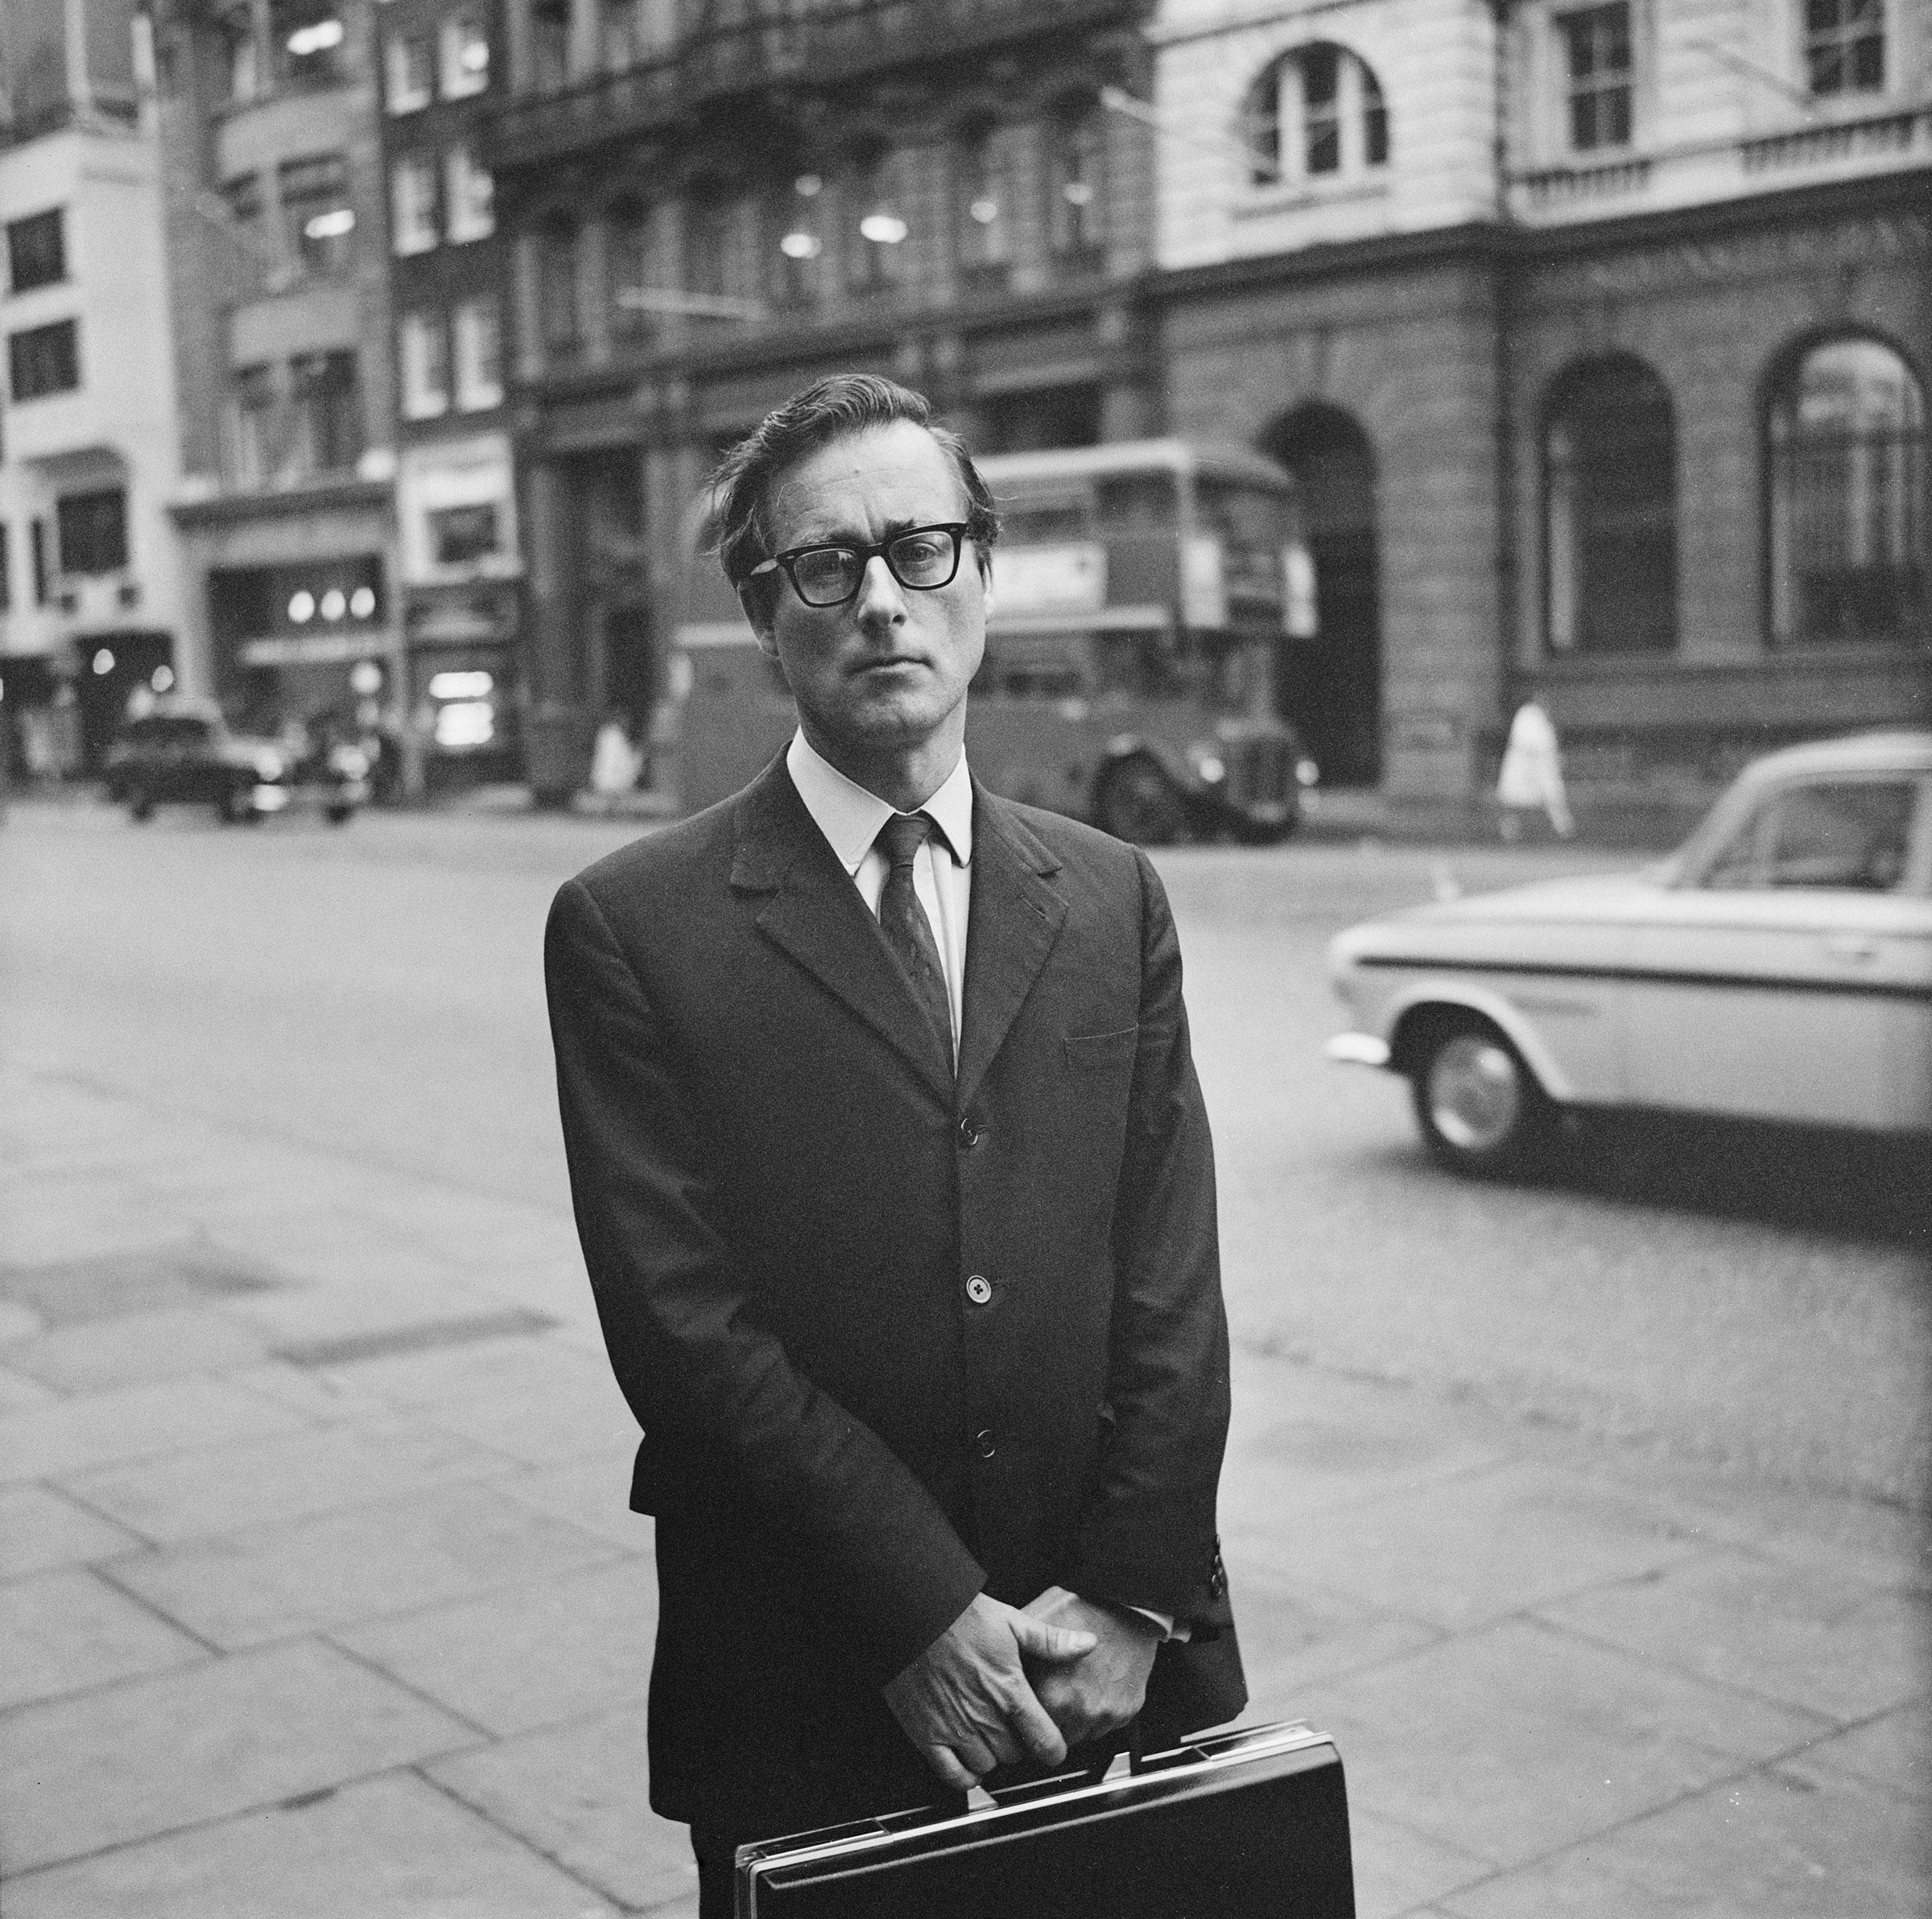 Evans in London, September 1968.